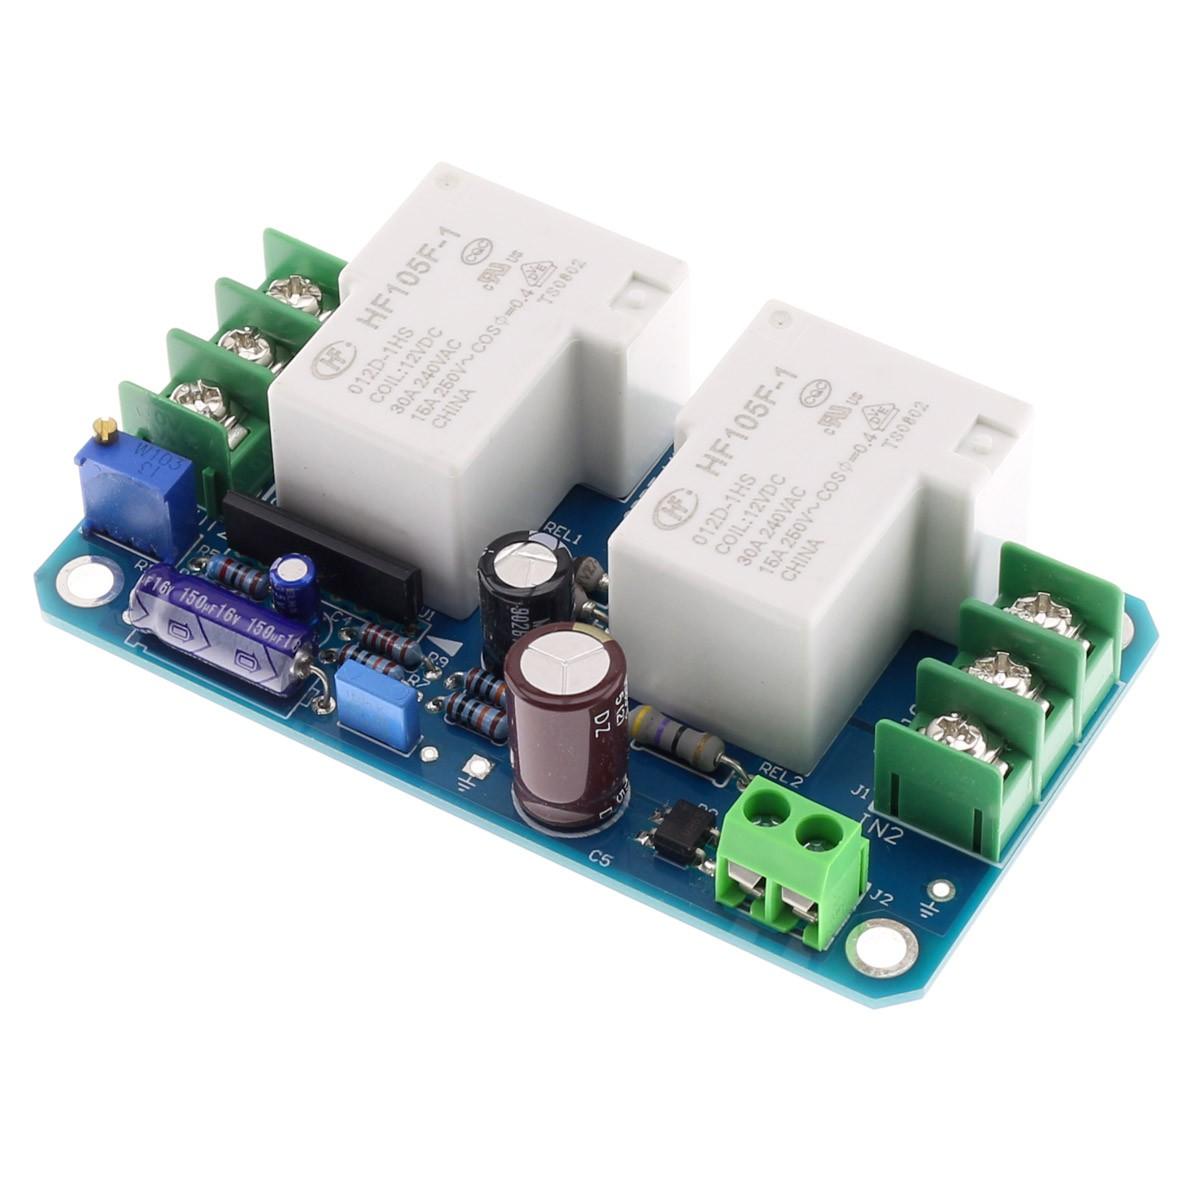 AUDIOPHONICS Stereo Protection & delay Module for Loudspeaker V1.1